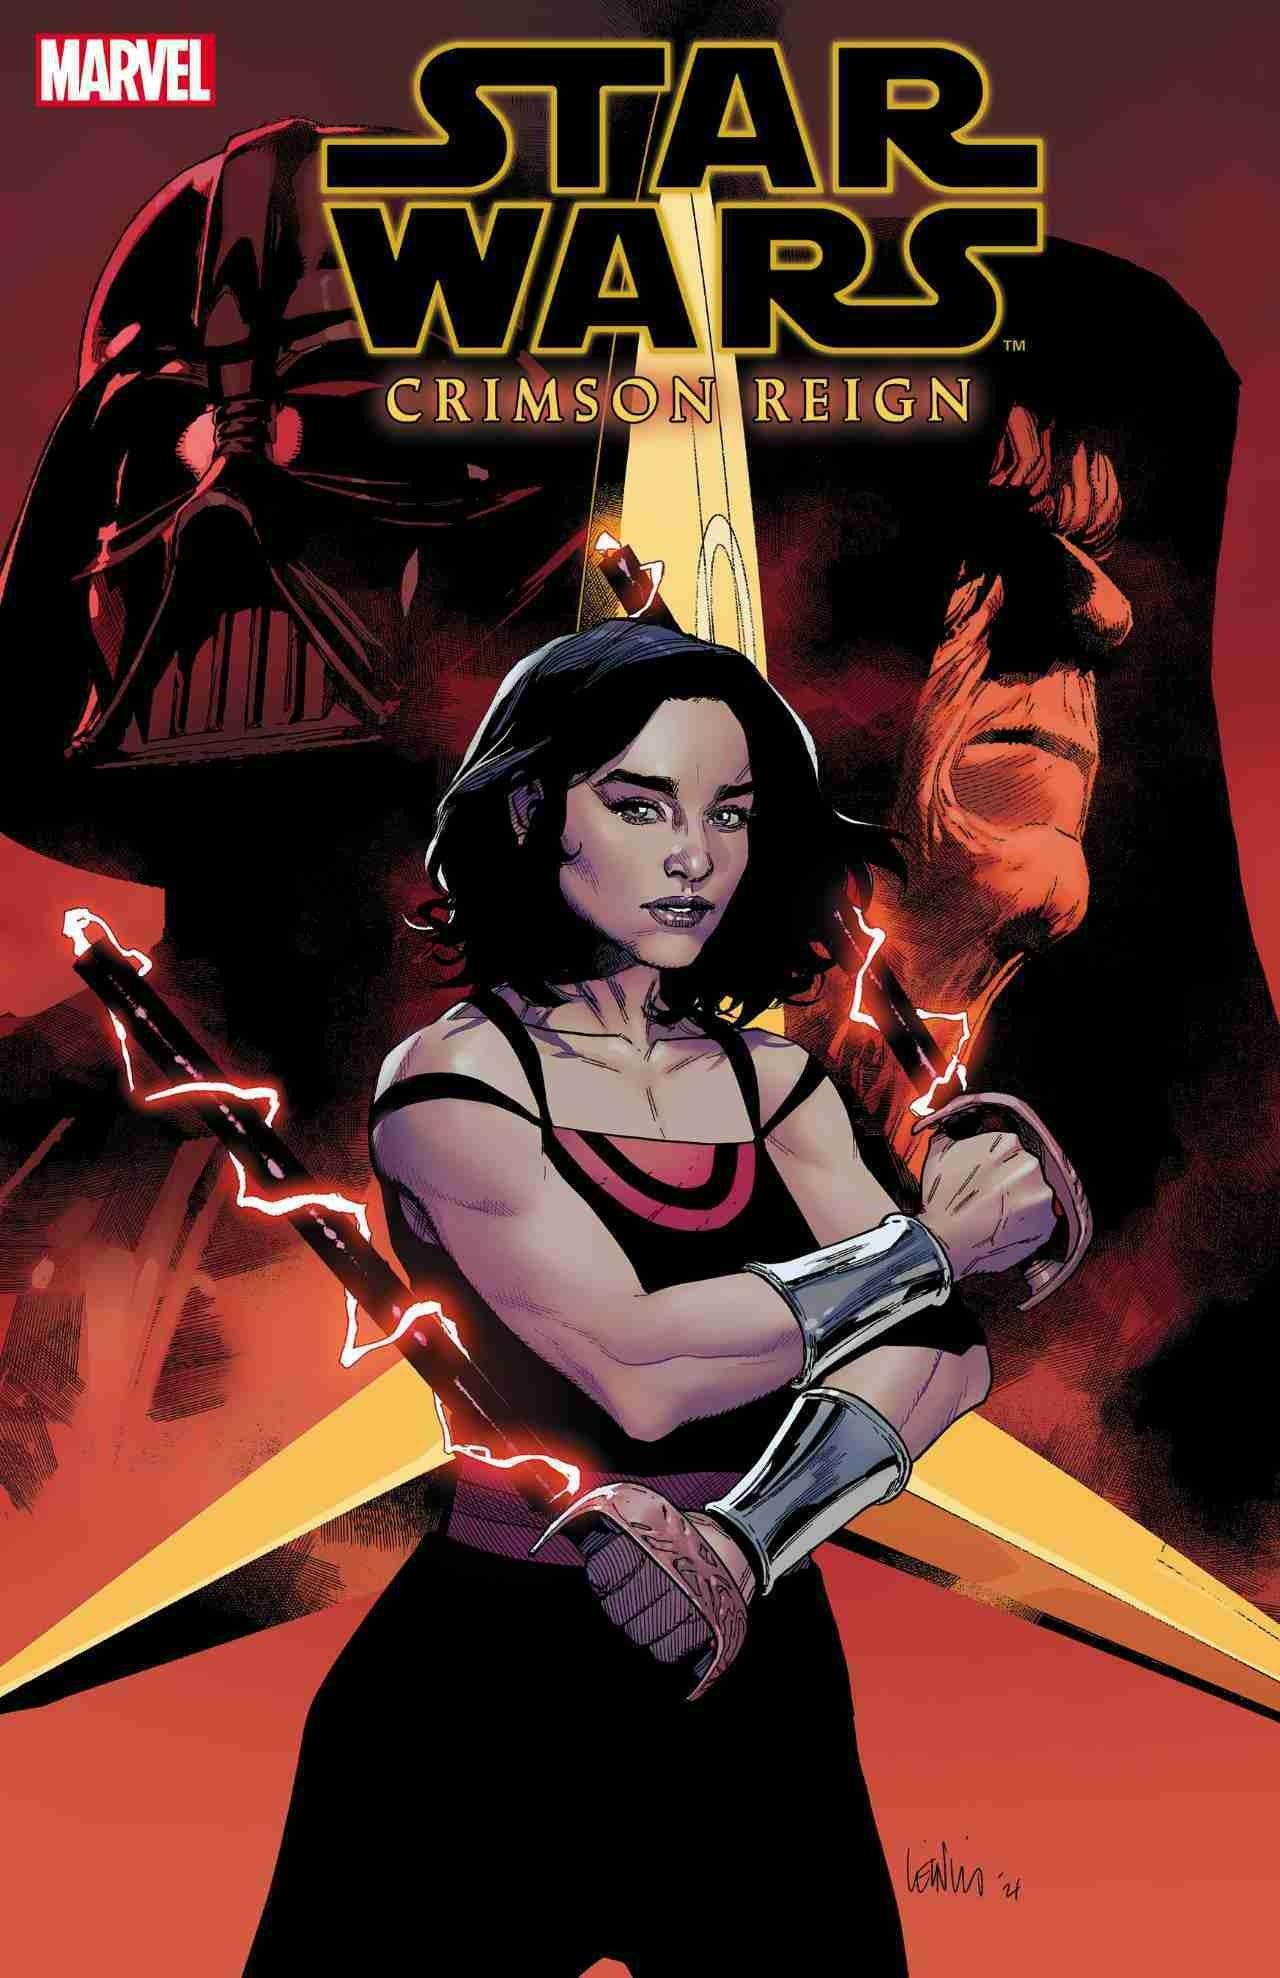 Star Wars Crimson Reign (2)